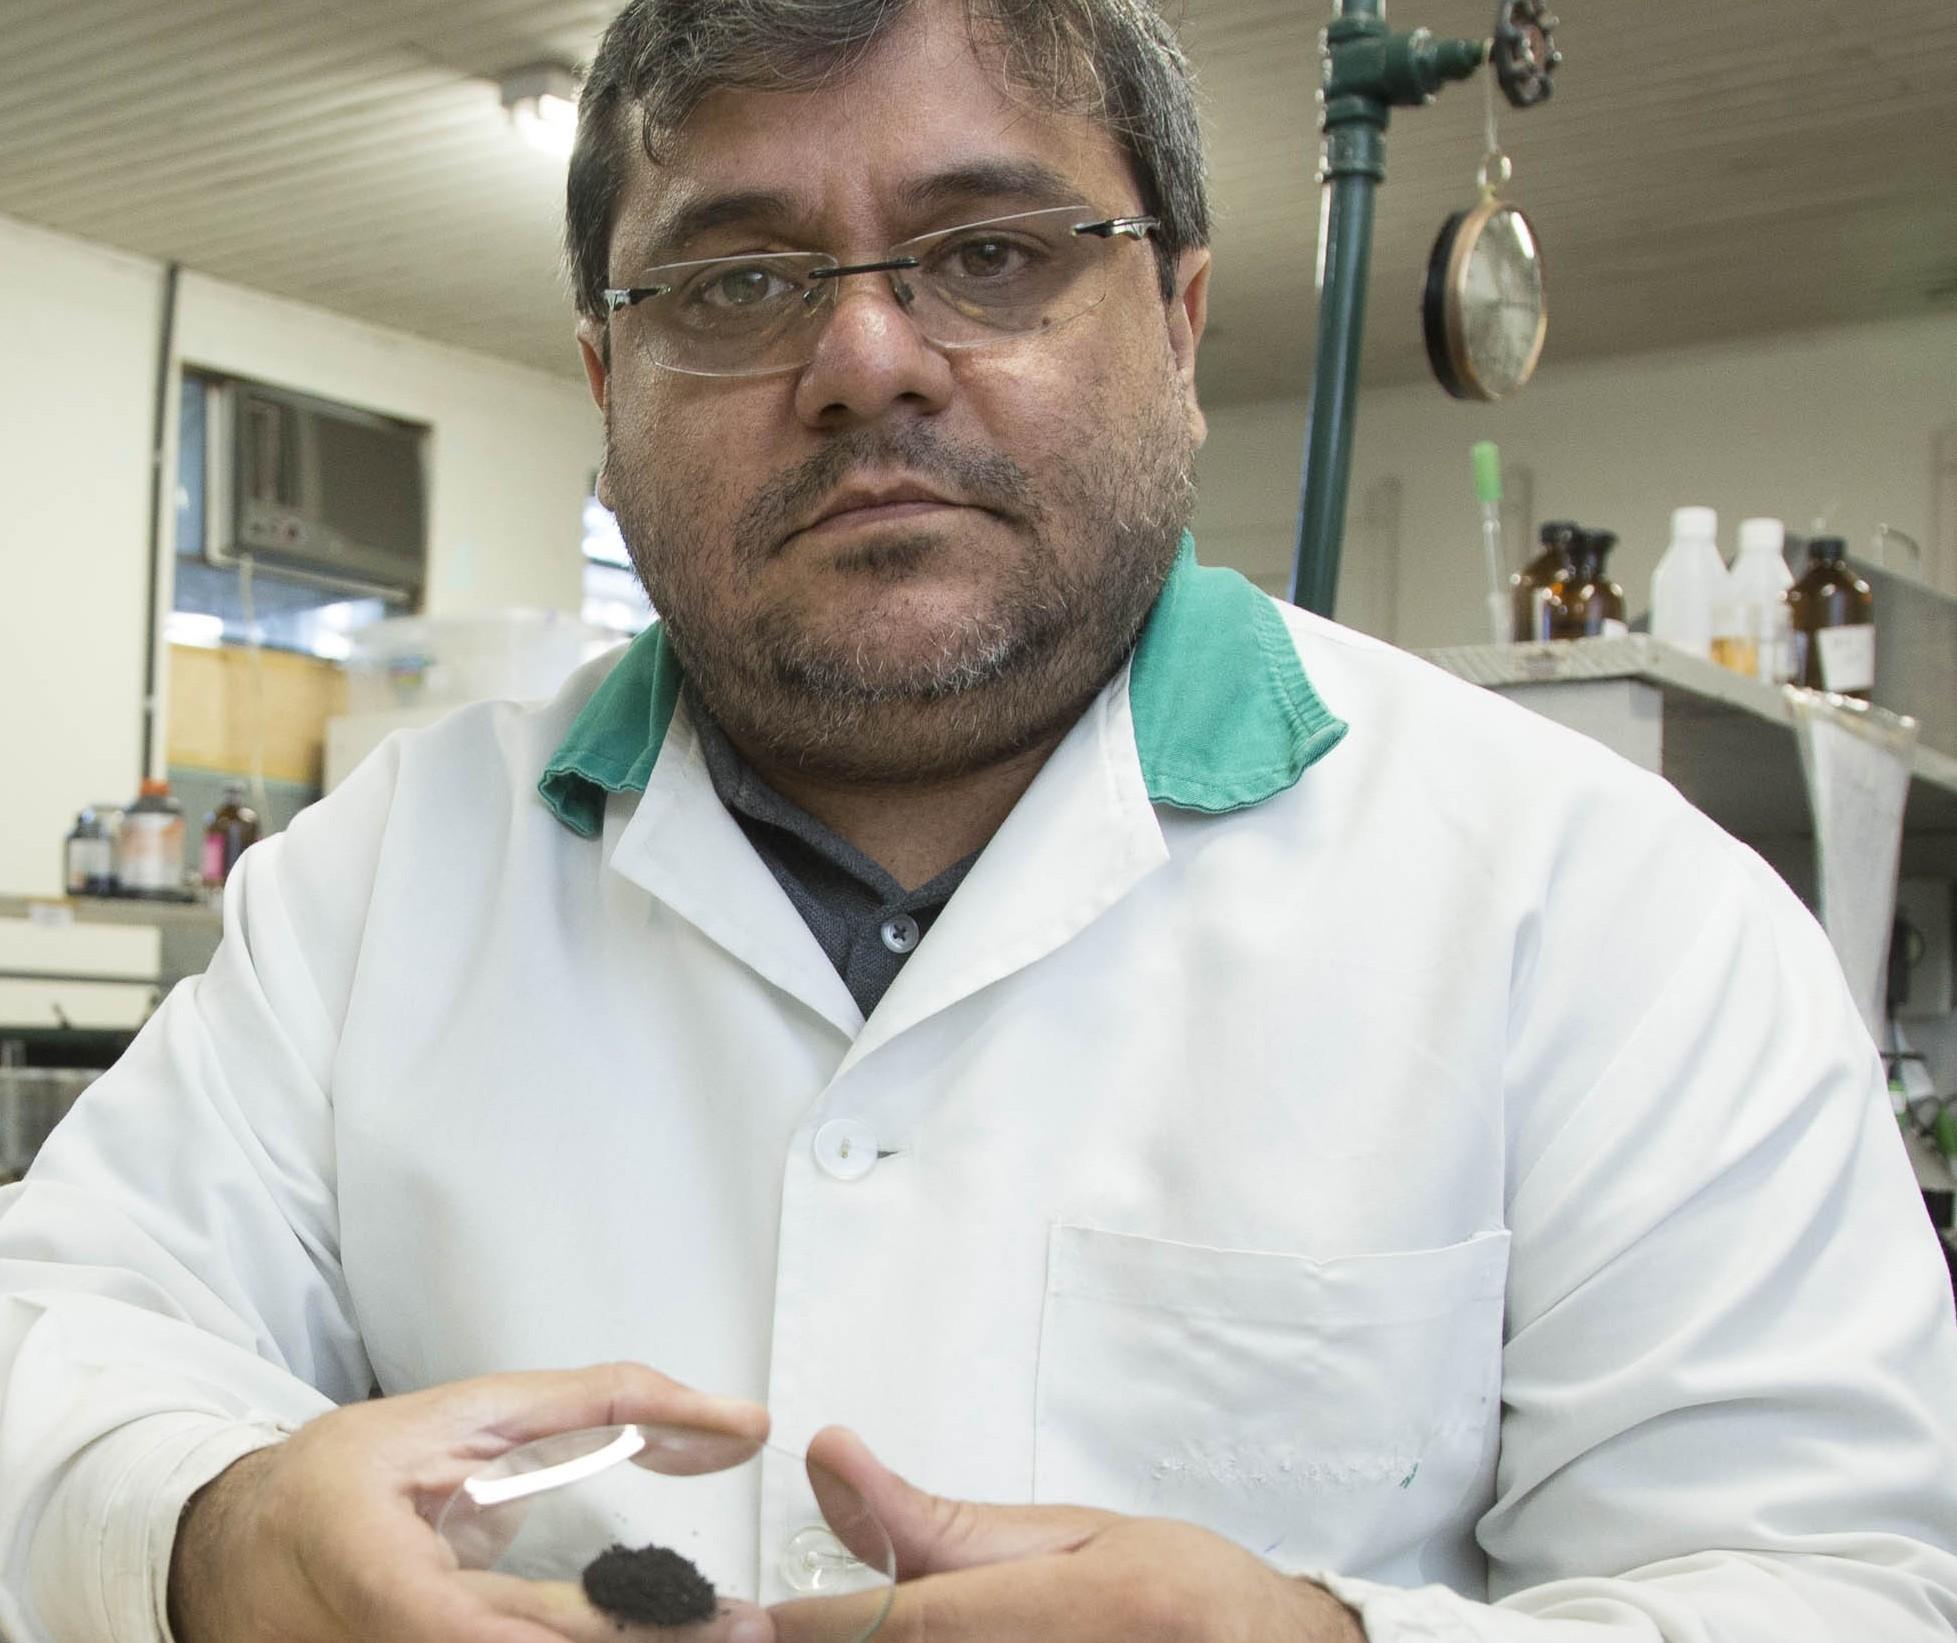 Pesquisa transforma bituca de cigarro em hidrocarvão, um produto que tem apelo comercial